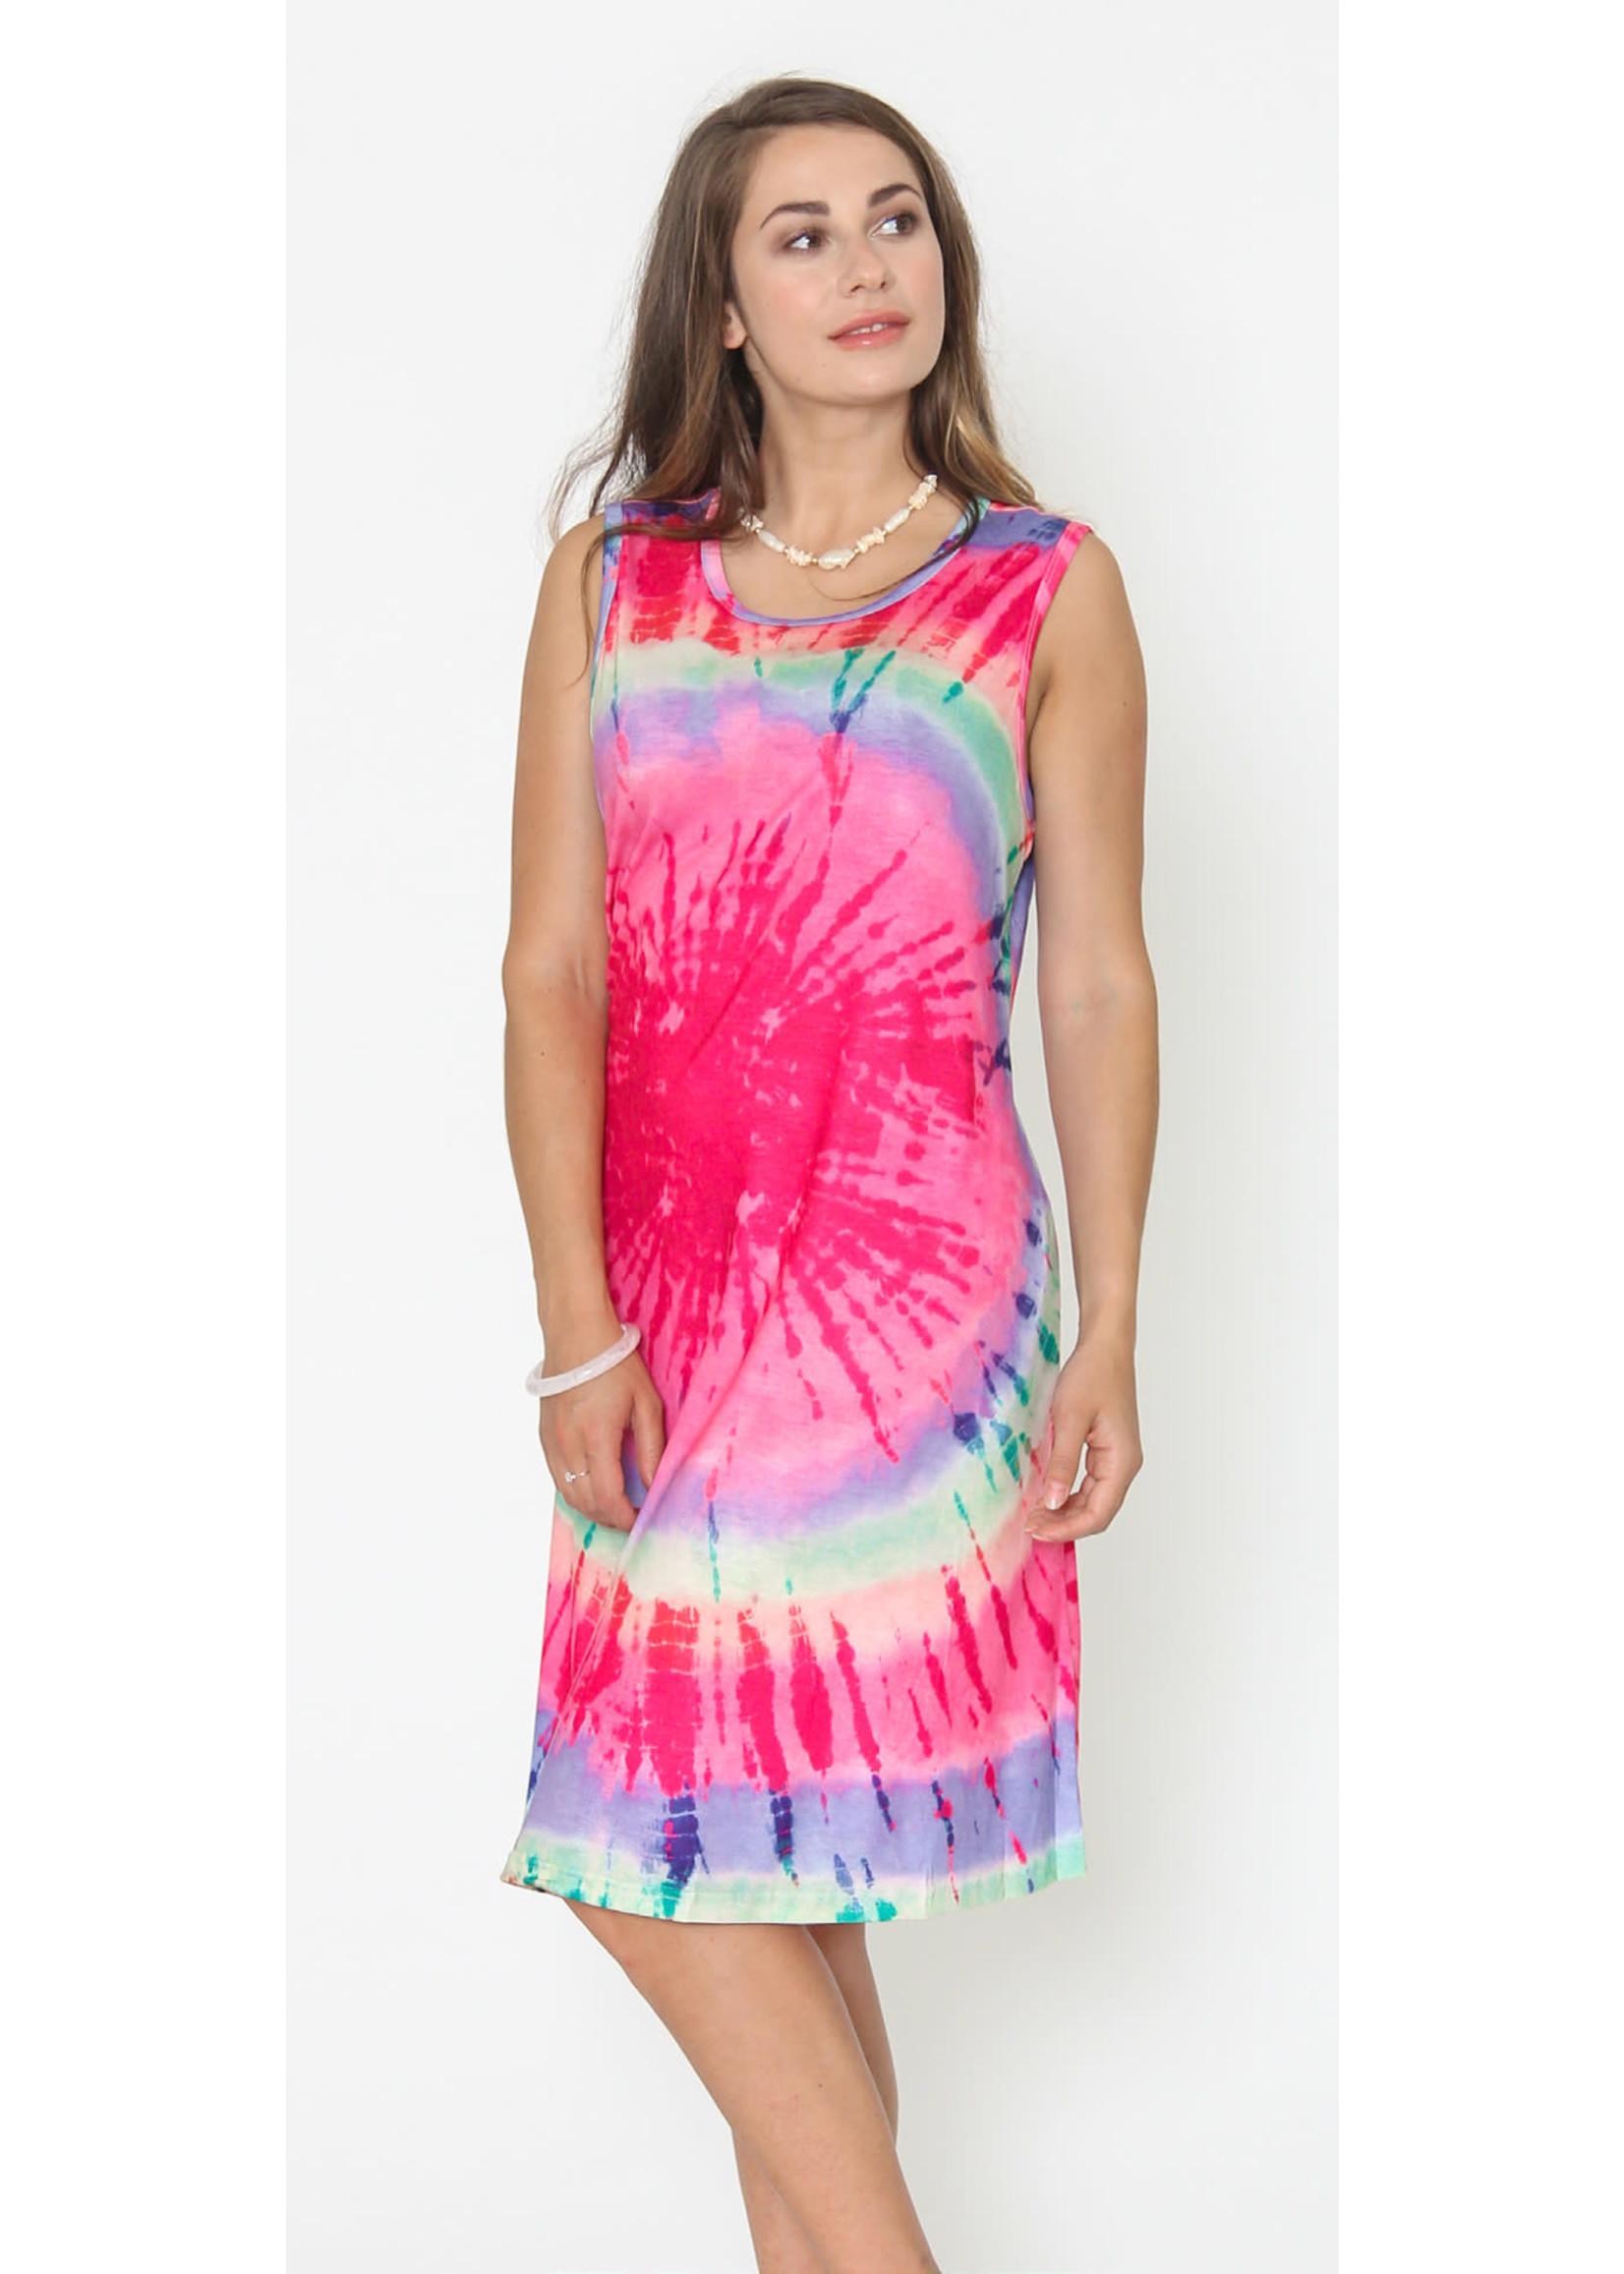 Funsport Pink Tie Dye Dress